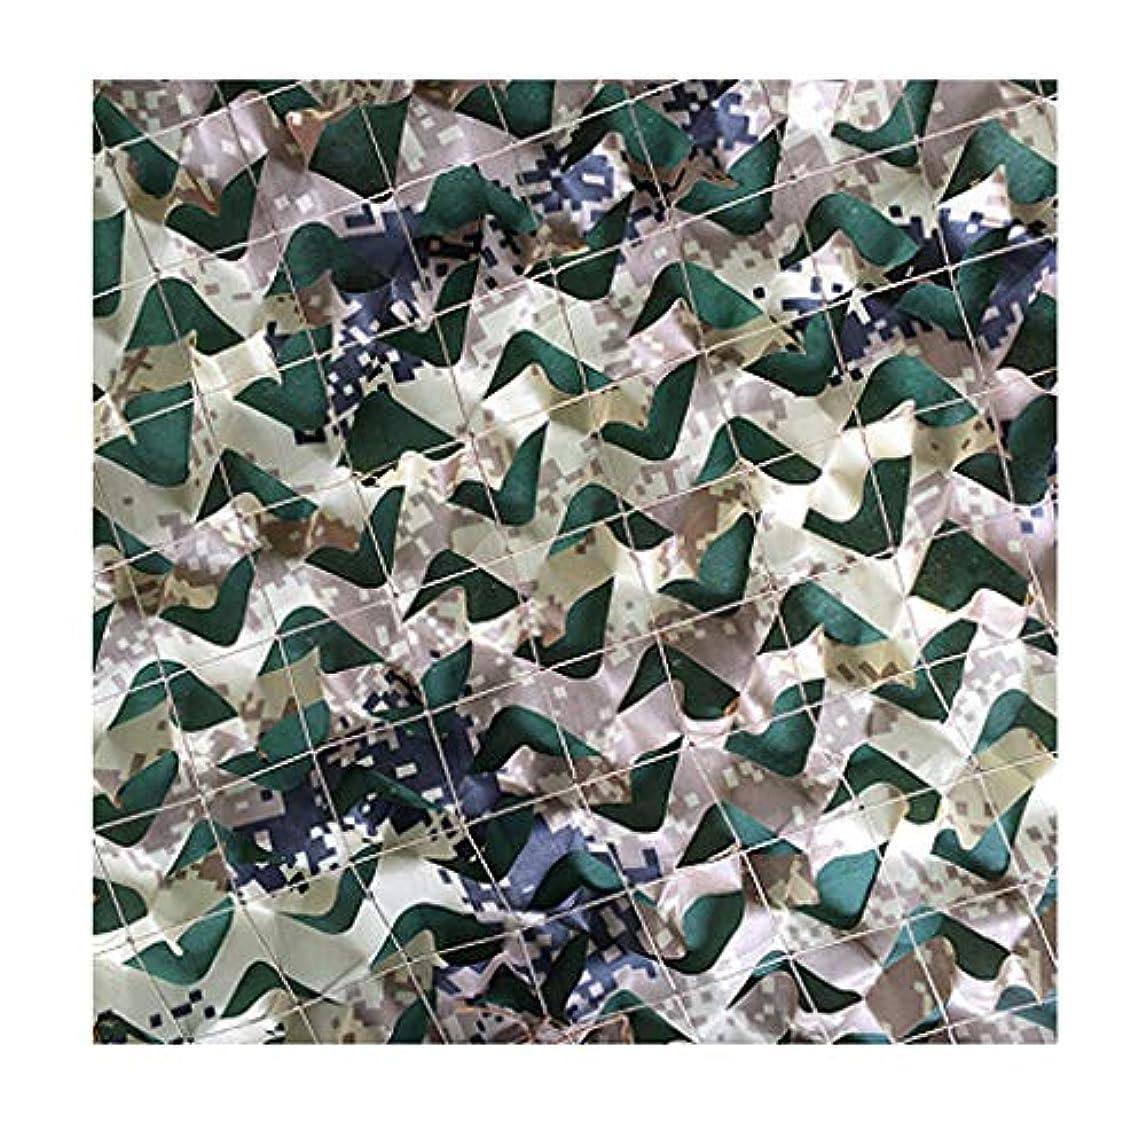 床信頼できるヒップオーニングターポリン 日焼け止遮光ネット カモフラージュネット 砂漠のカモフラージュネット キャンプ用に使用狩猟用テントを隠す迷彩サンスクリーン日焼け鳥観戦パーティーゲームハロウィーンクリスマスデコレーション 利用できる多数のサイズ (Size : 4*5m)